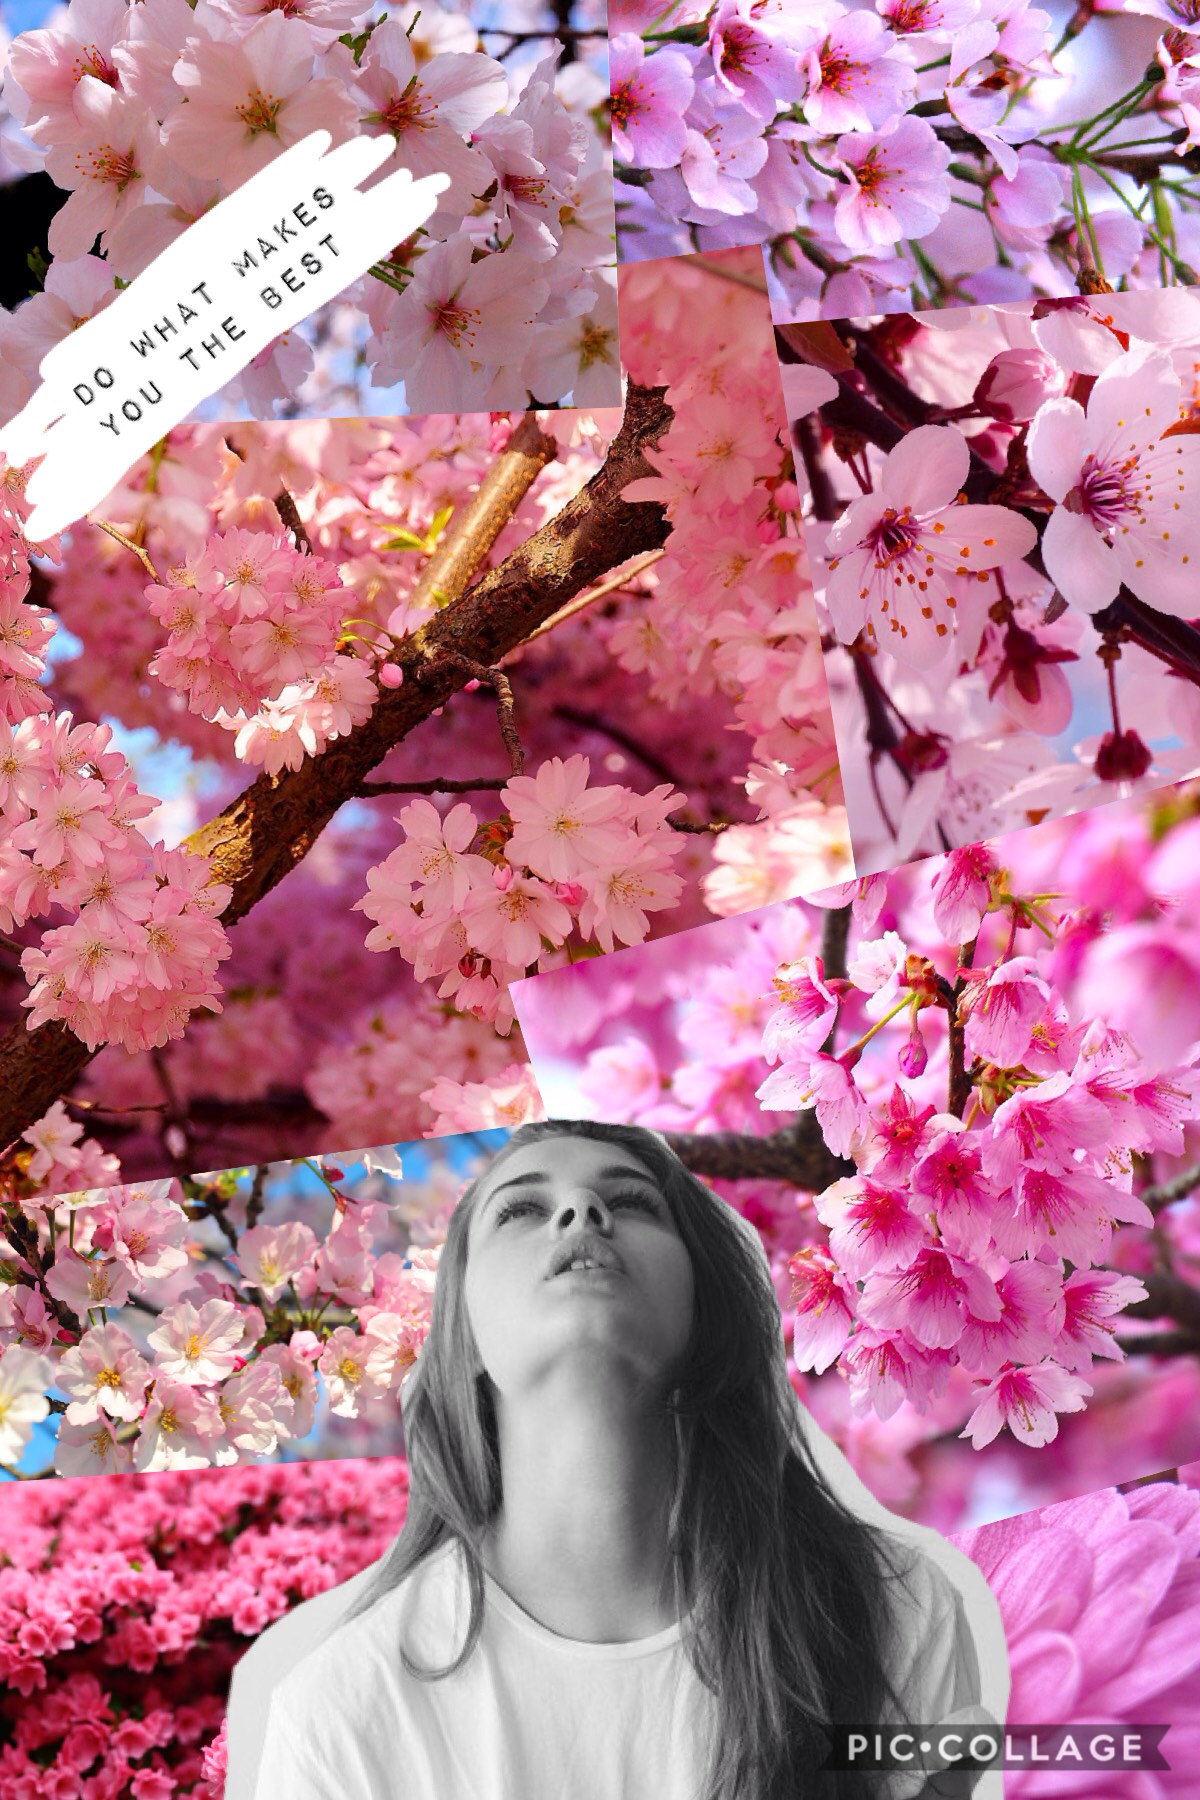 Collage by baynaynay_go